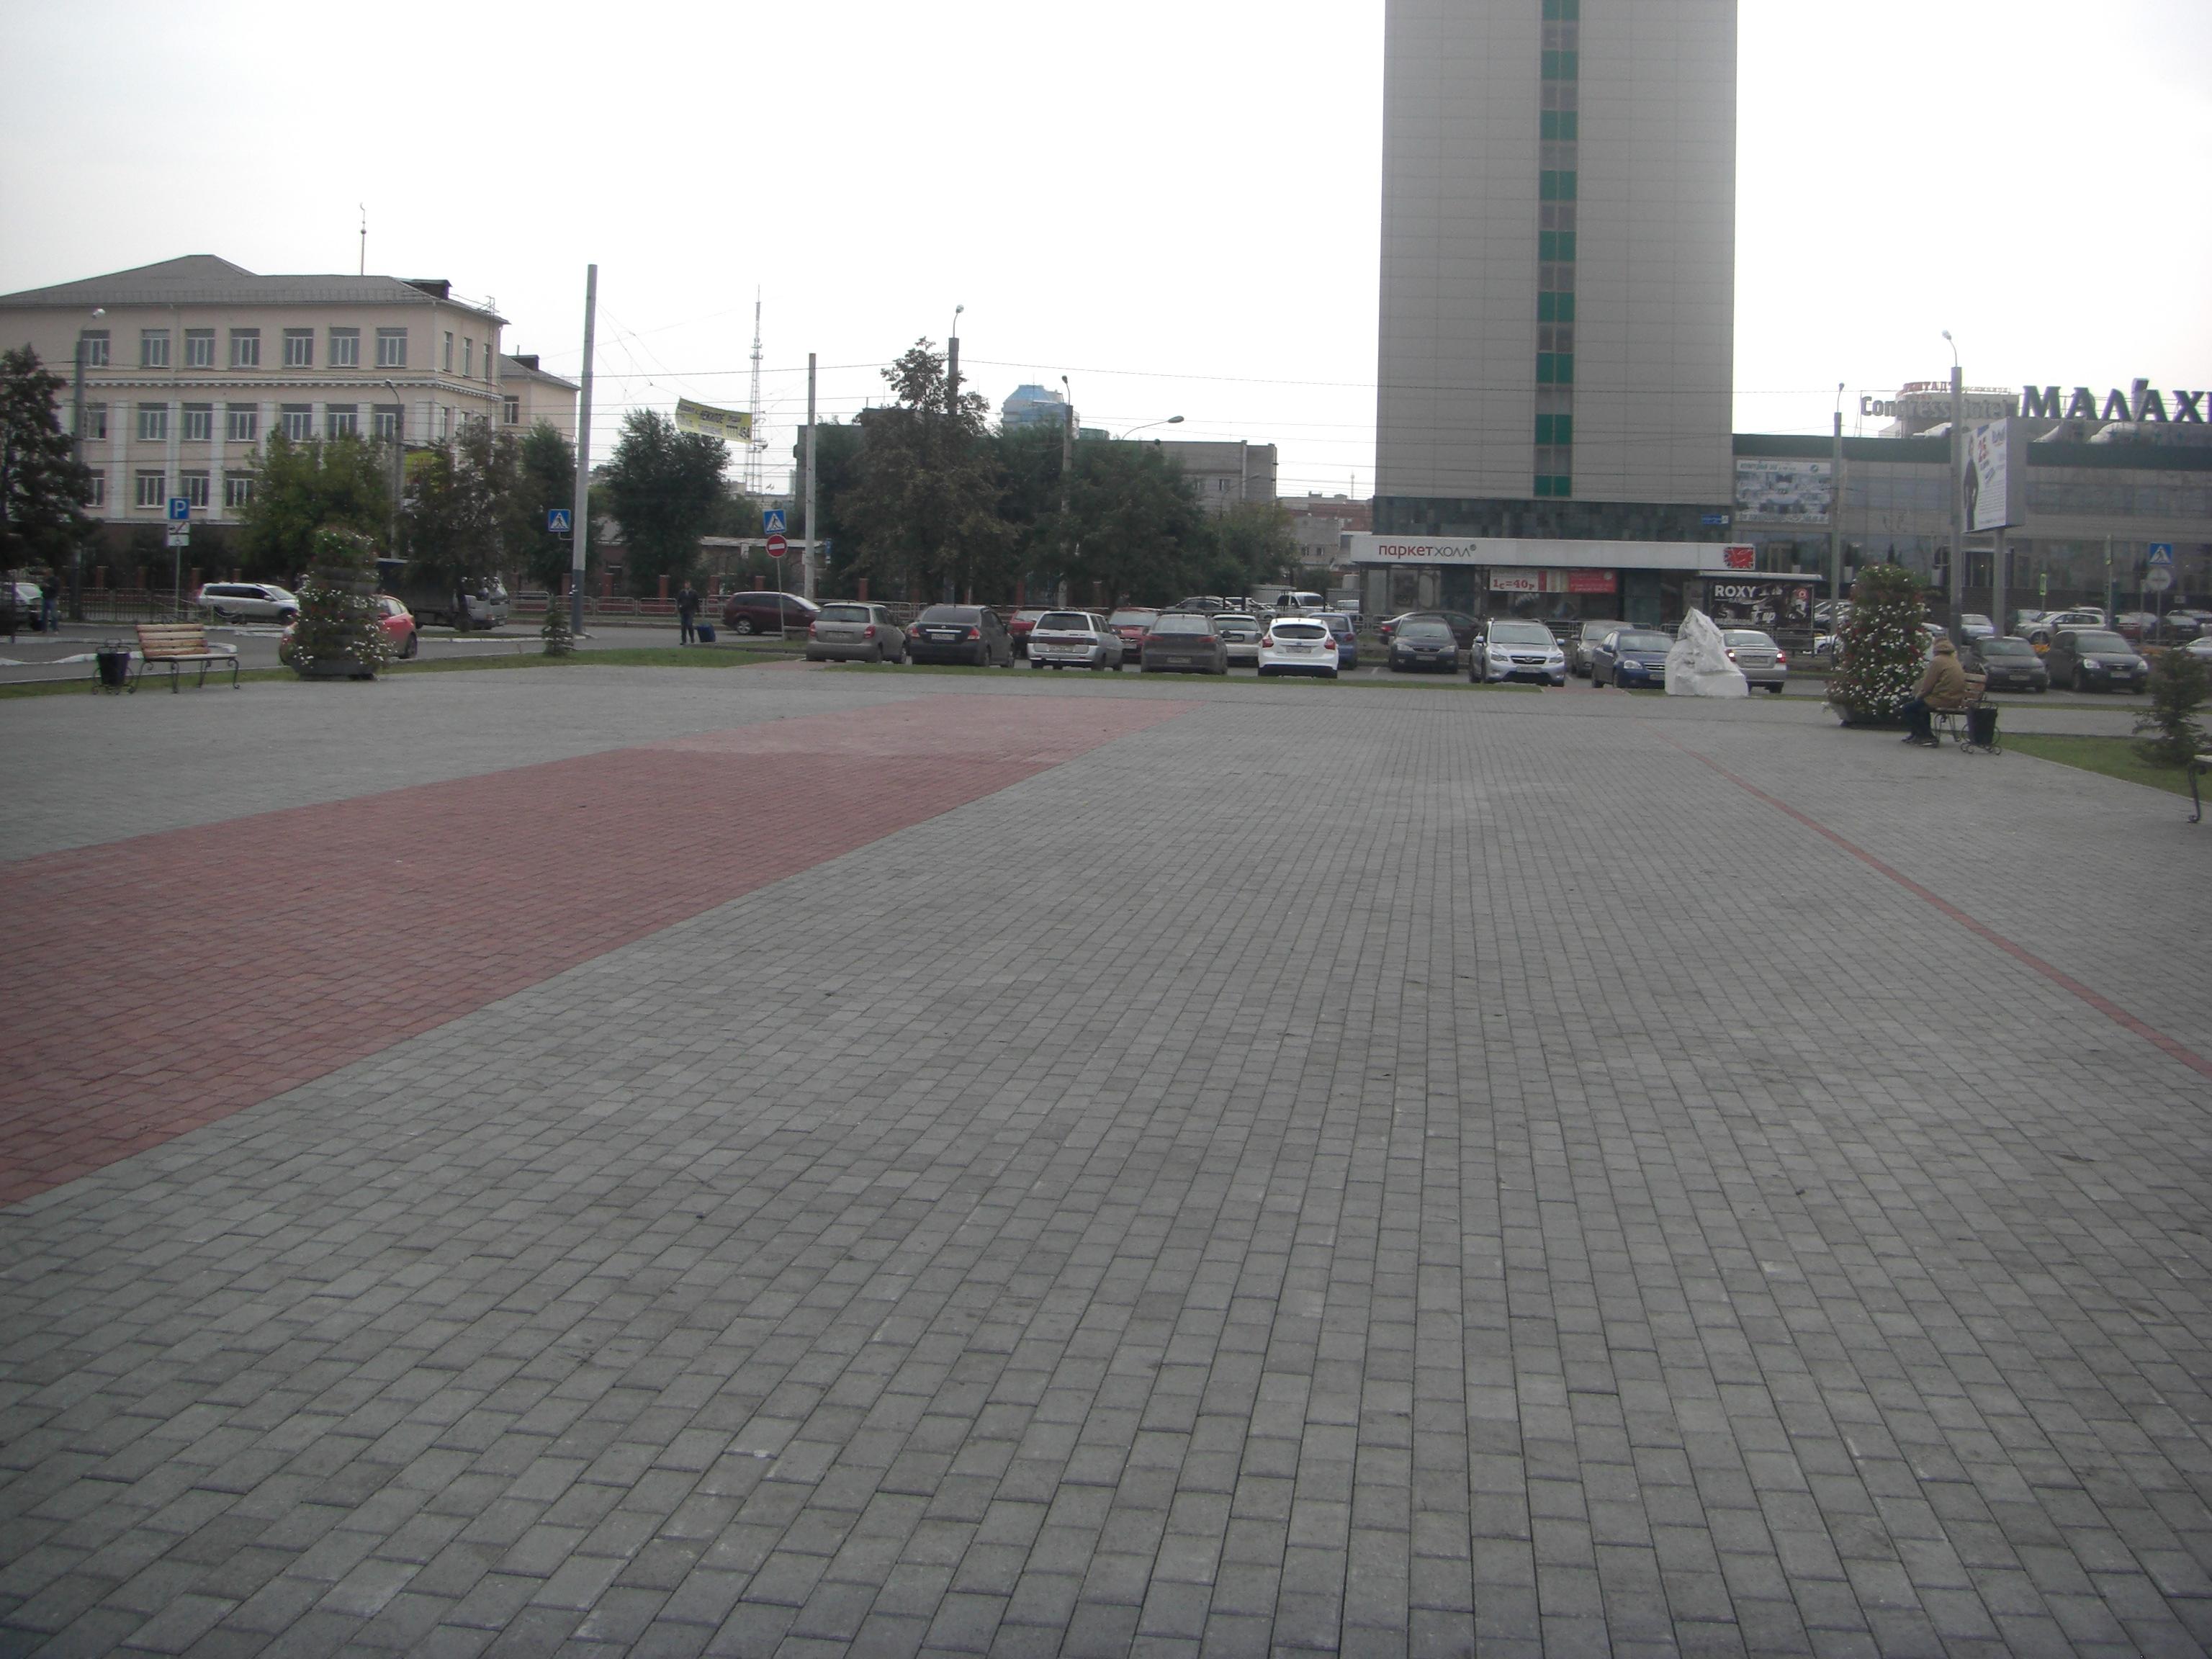 Вид на гостиницу ″Малахит″ со стороны монумента (26.05.2015)